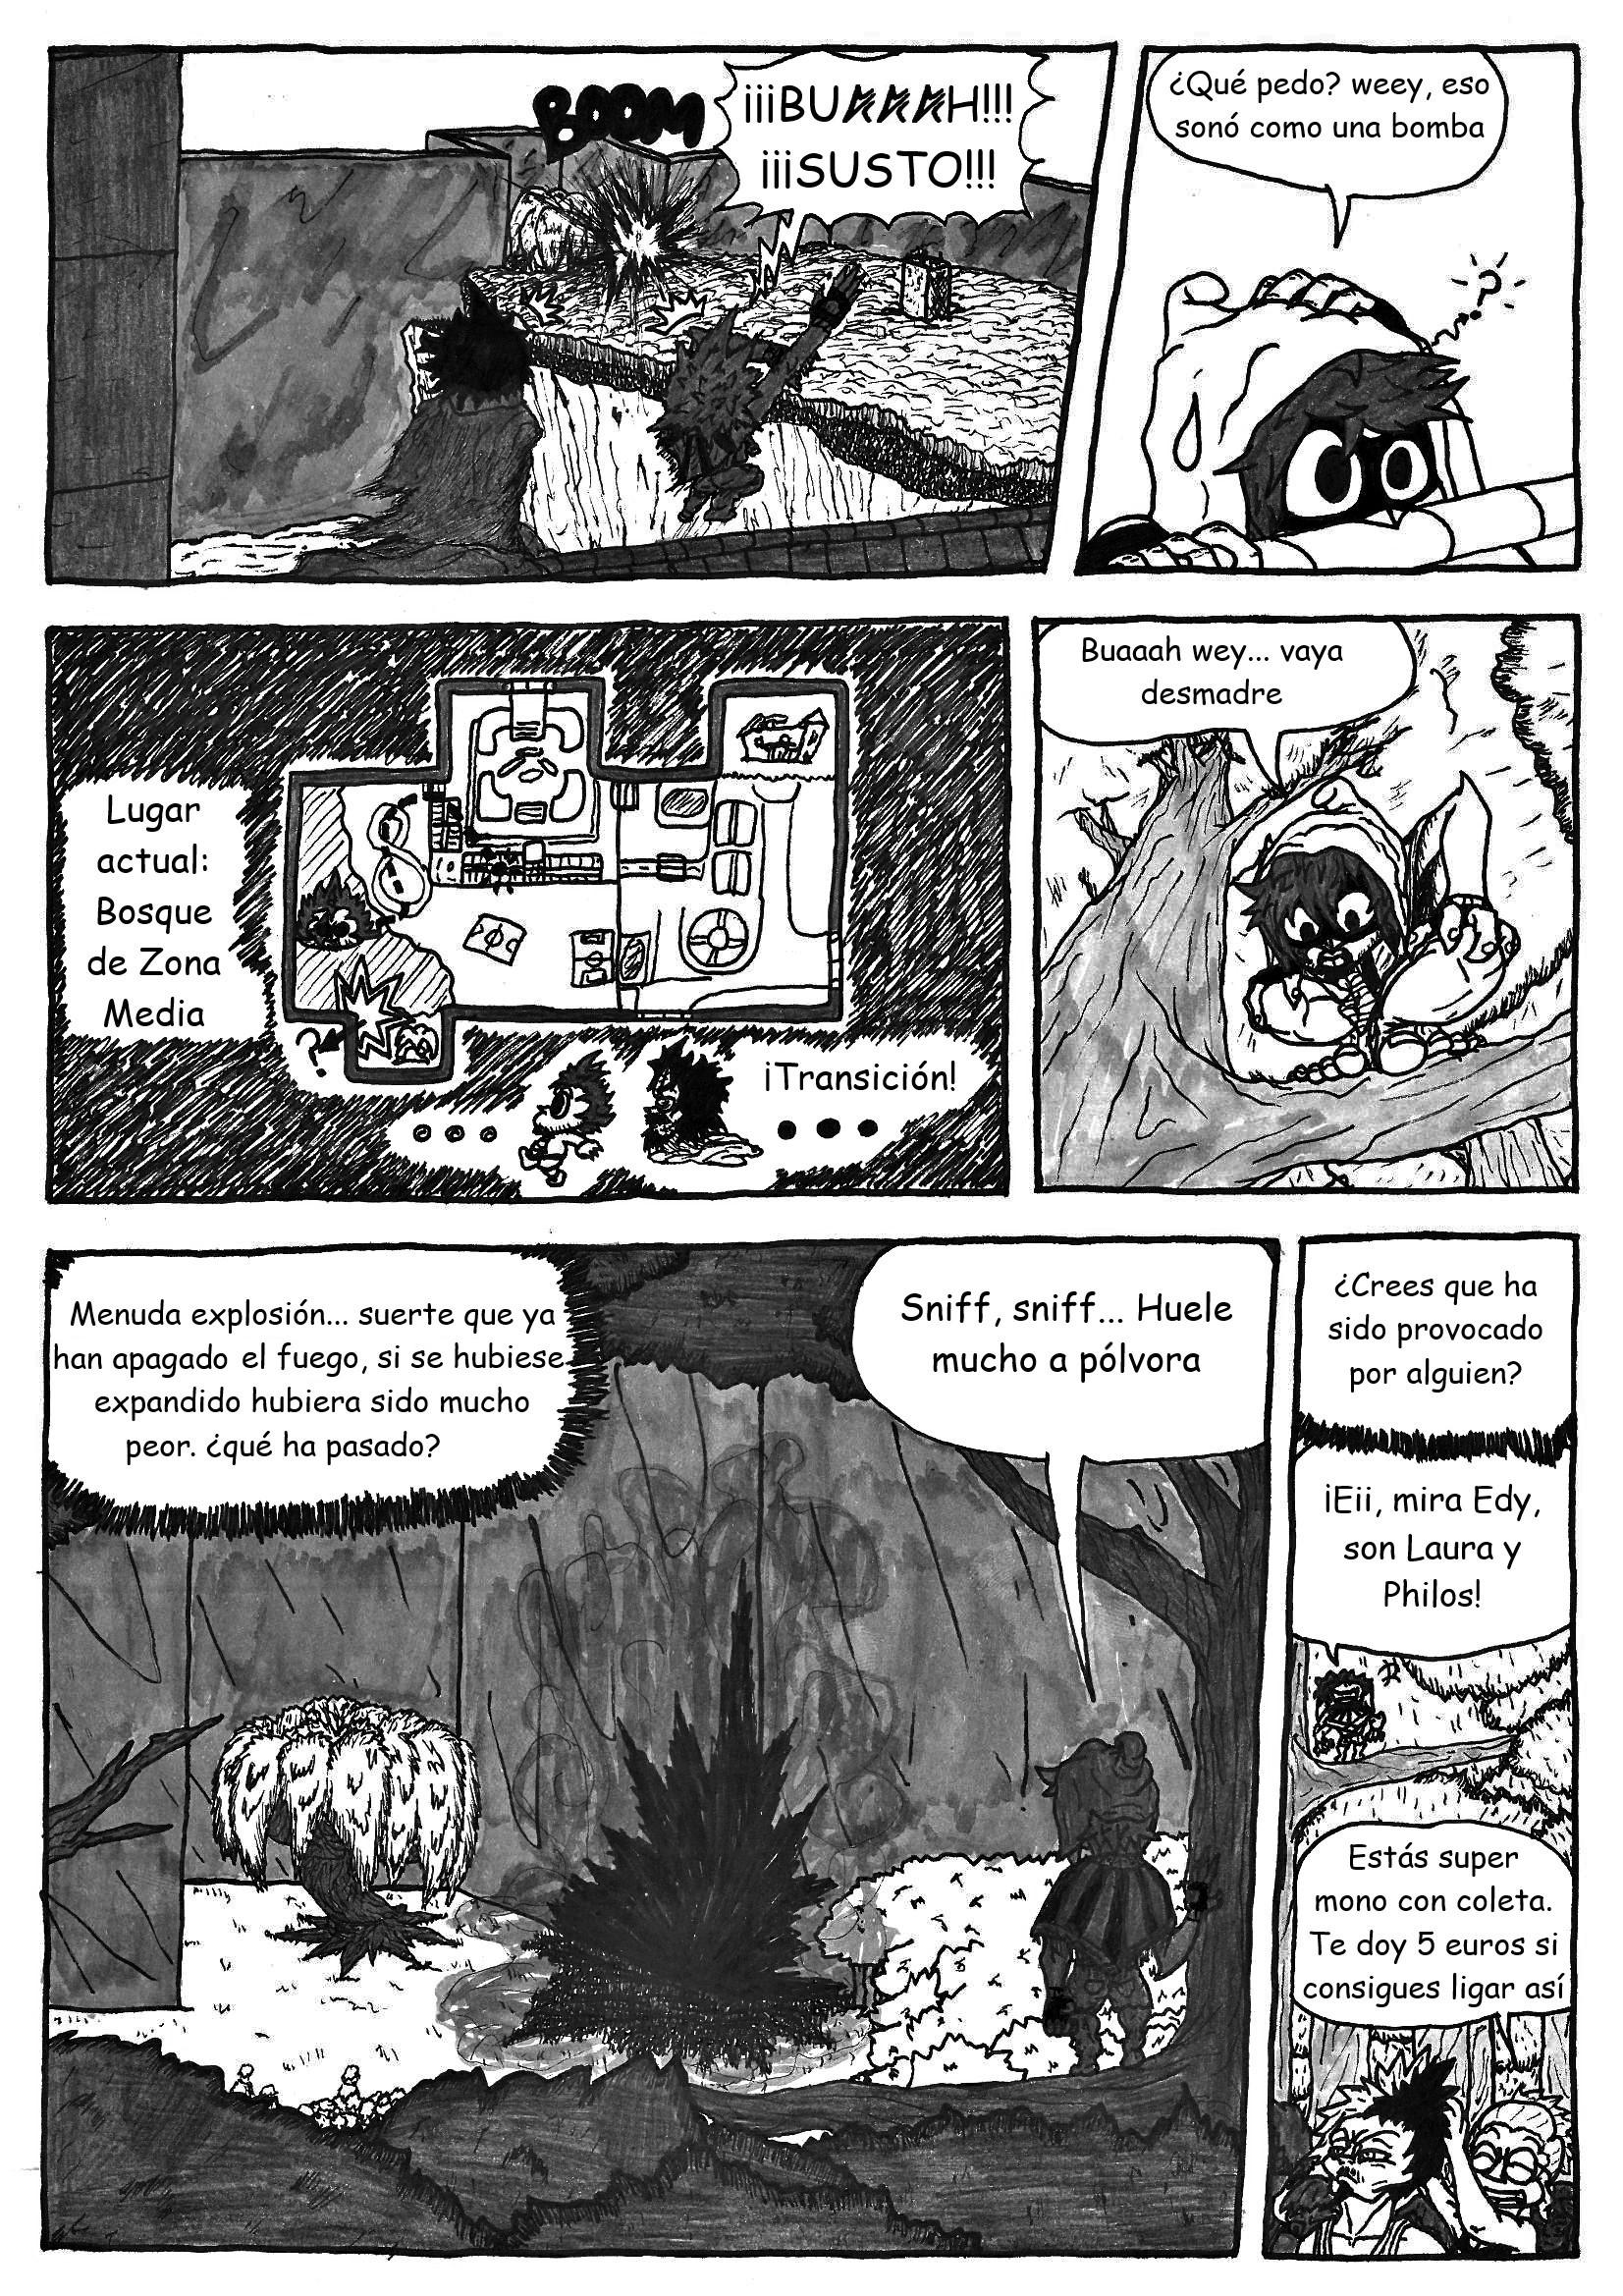 Avatar_03_J_Angel_Casado_Fuster_pagina00008